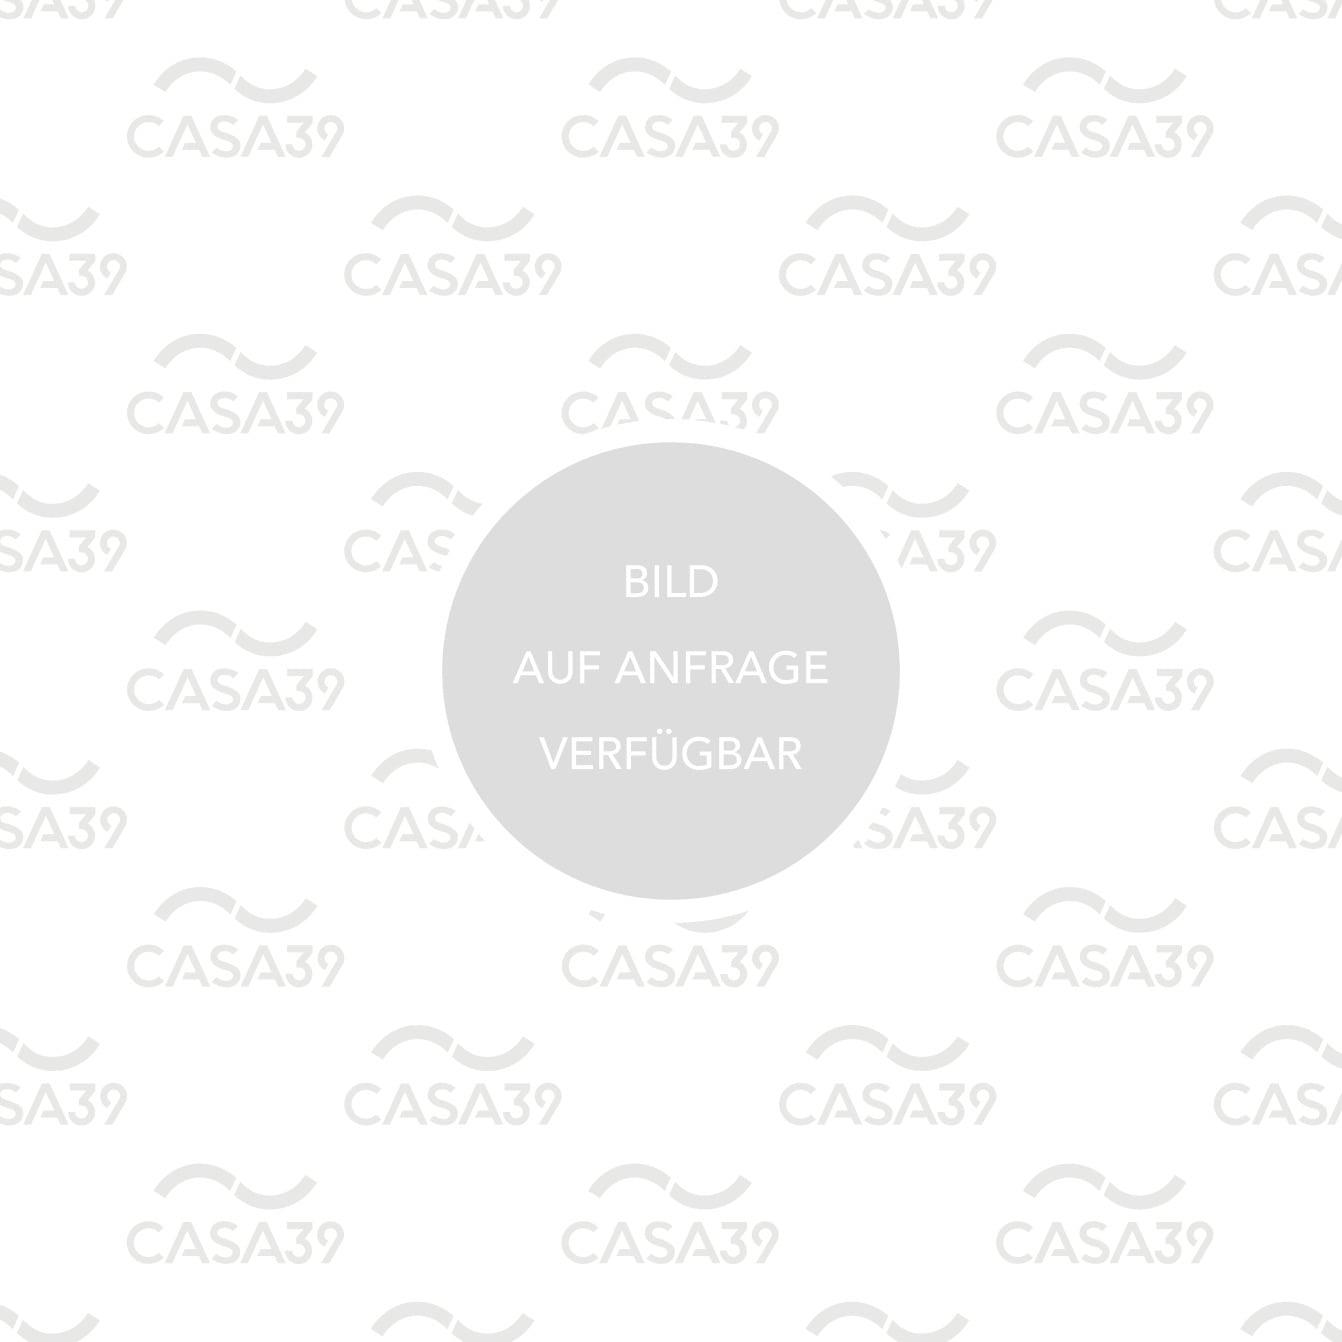 Badkeramik De.Angebot Gsg Oz Waschtisch 65 Und 95 Sx Badkeramik Aus Italien